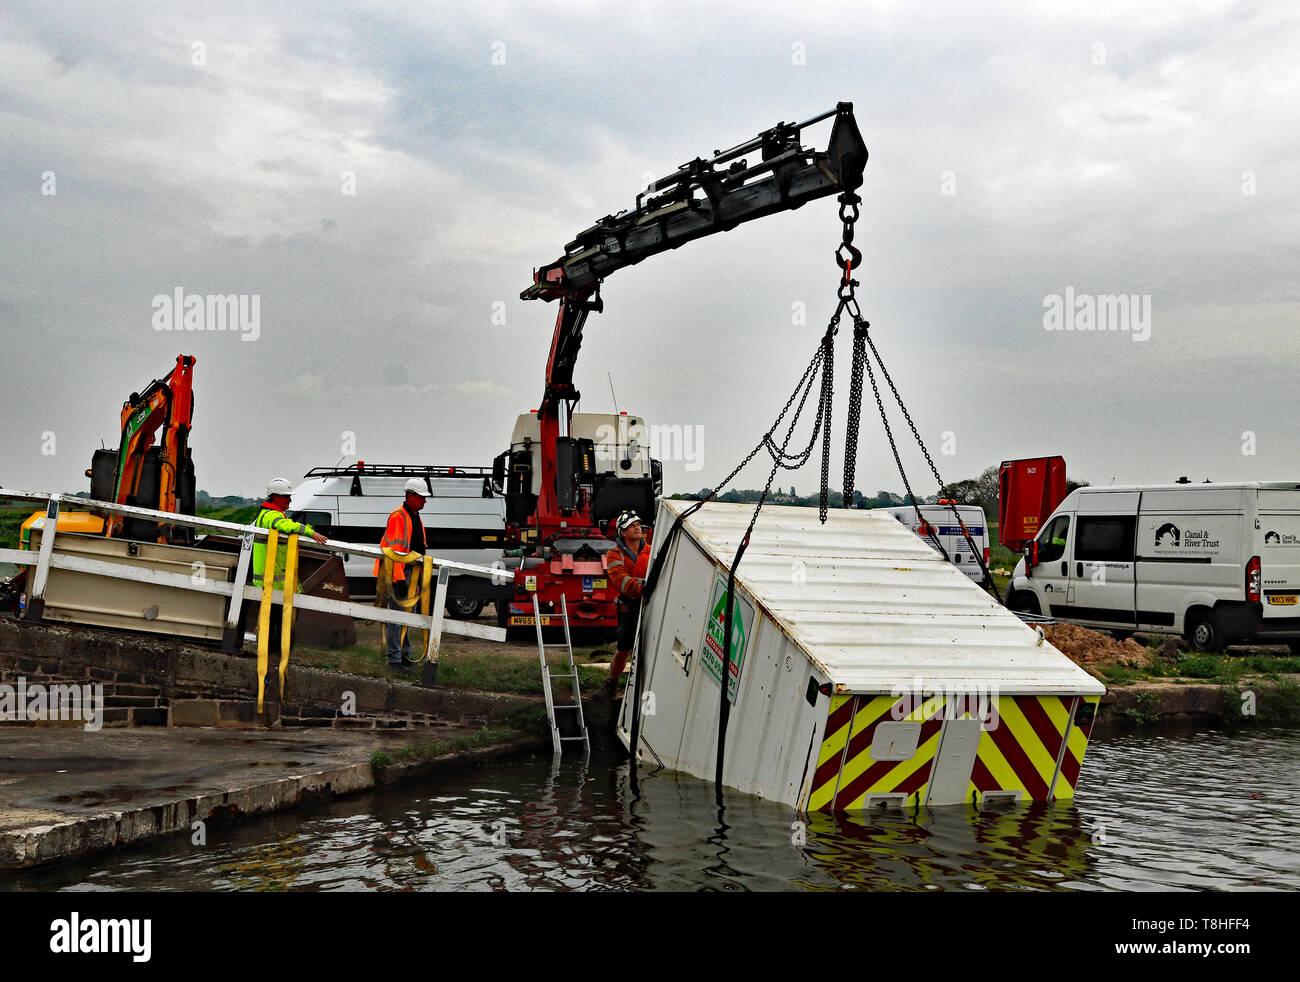 Un contenitore di benessere viene sollevato fuori del Leeds e Liverpool canal vicino Haskayne a seguito di un atto di vandalismo con un JCB over night 23 Aprile 2019 Immagini Stock